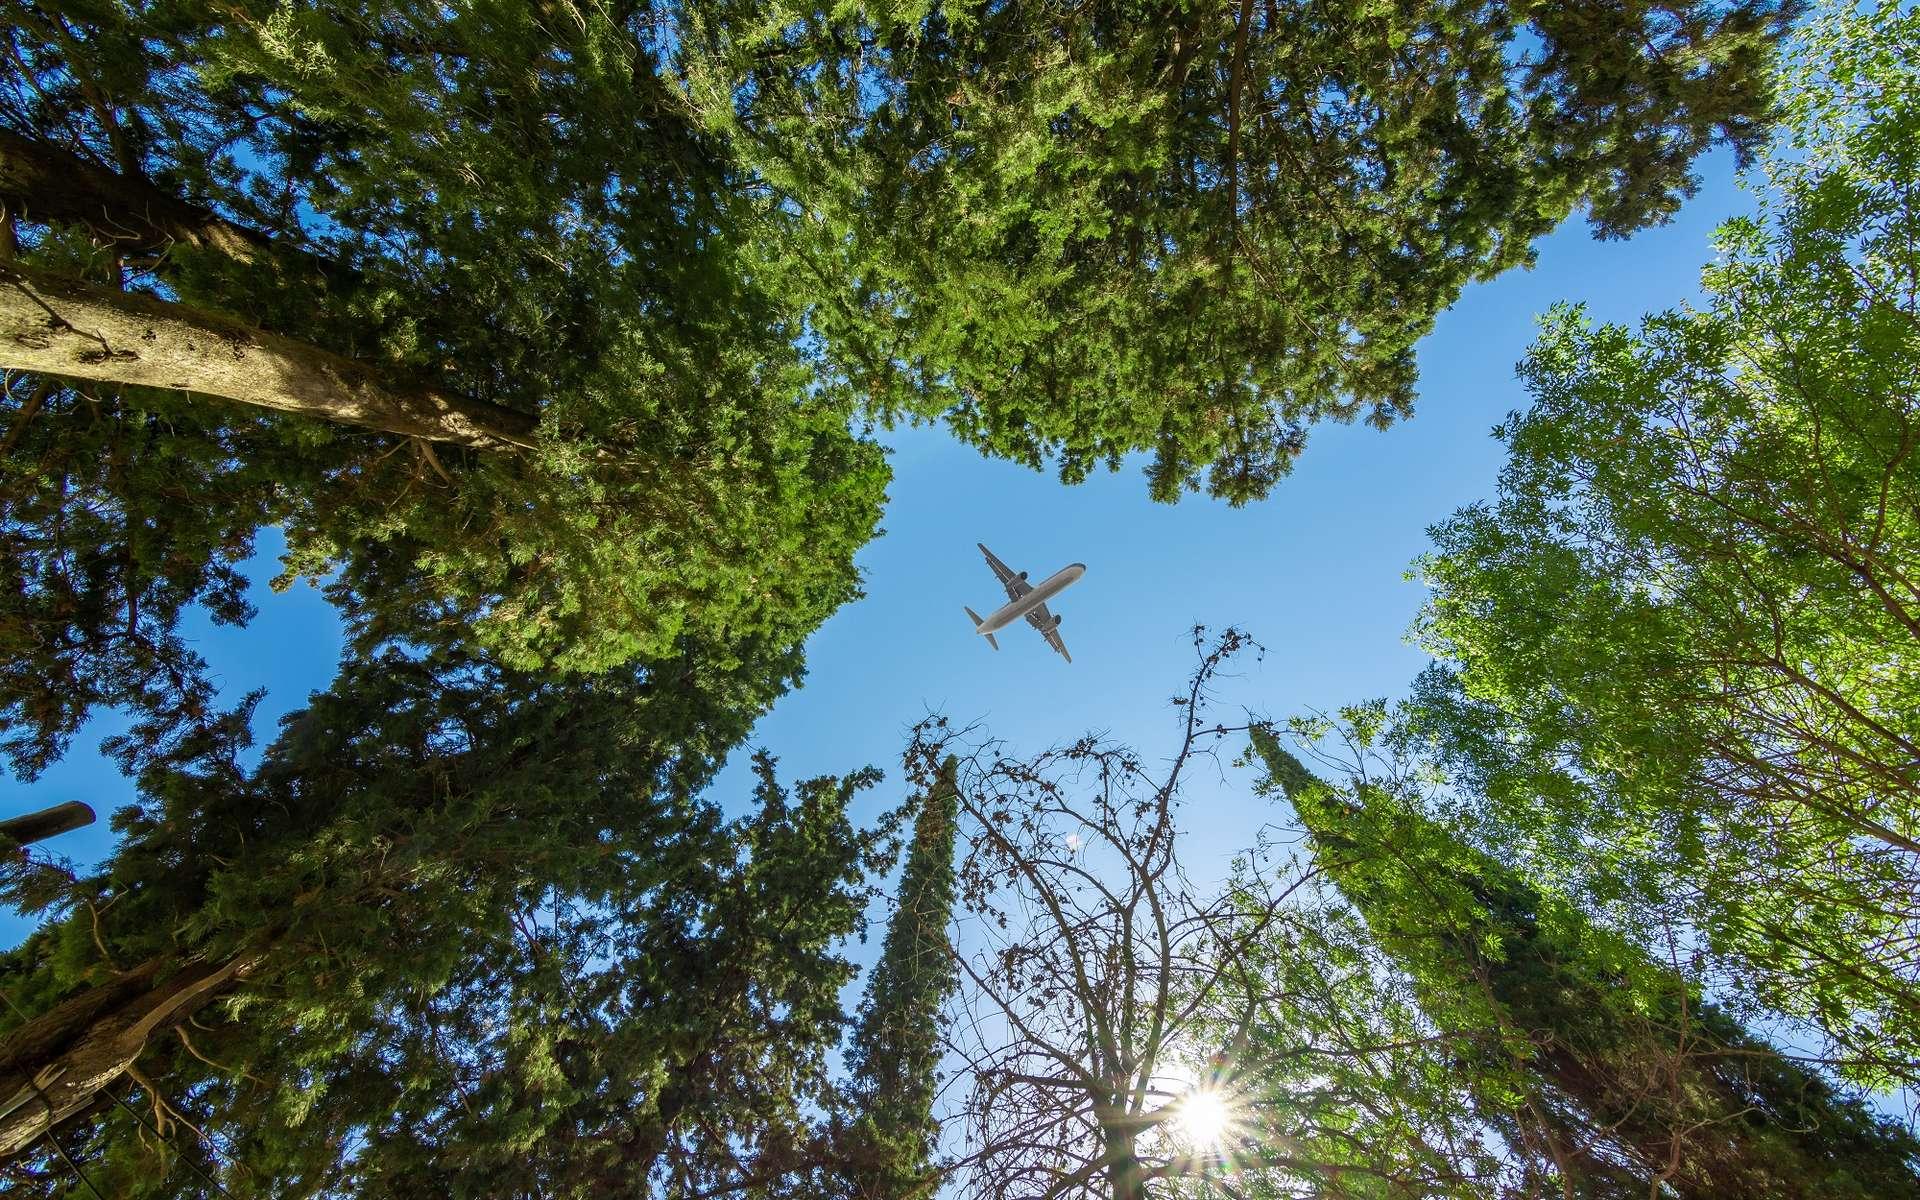 Comme d'autres secteurs d'activité, celui de l'aéronautique doit faire face aux enjeux du développement durable et se réinventer s'il veut poursuivre sa croissance. © yalcinsonat, Adobe Stock